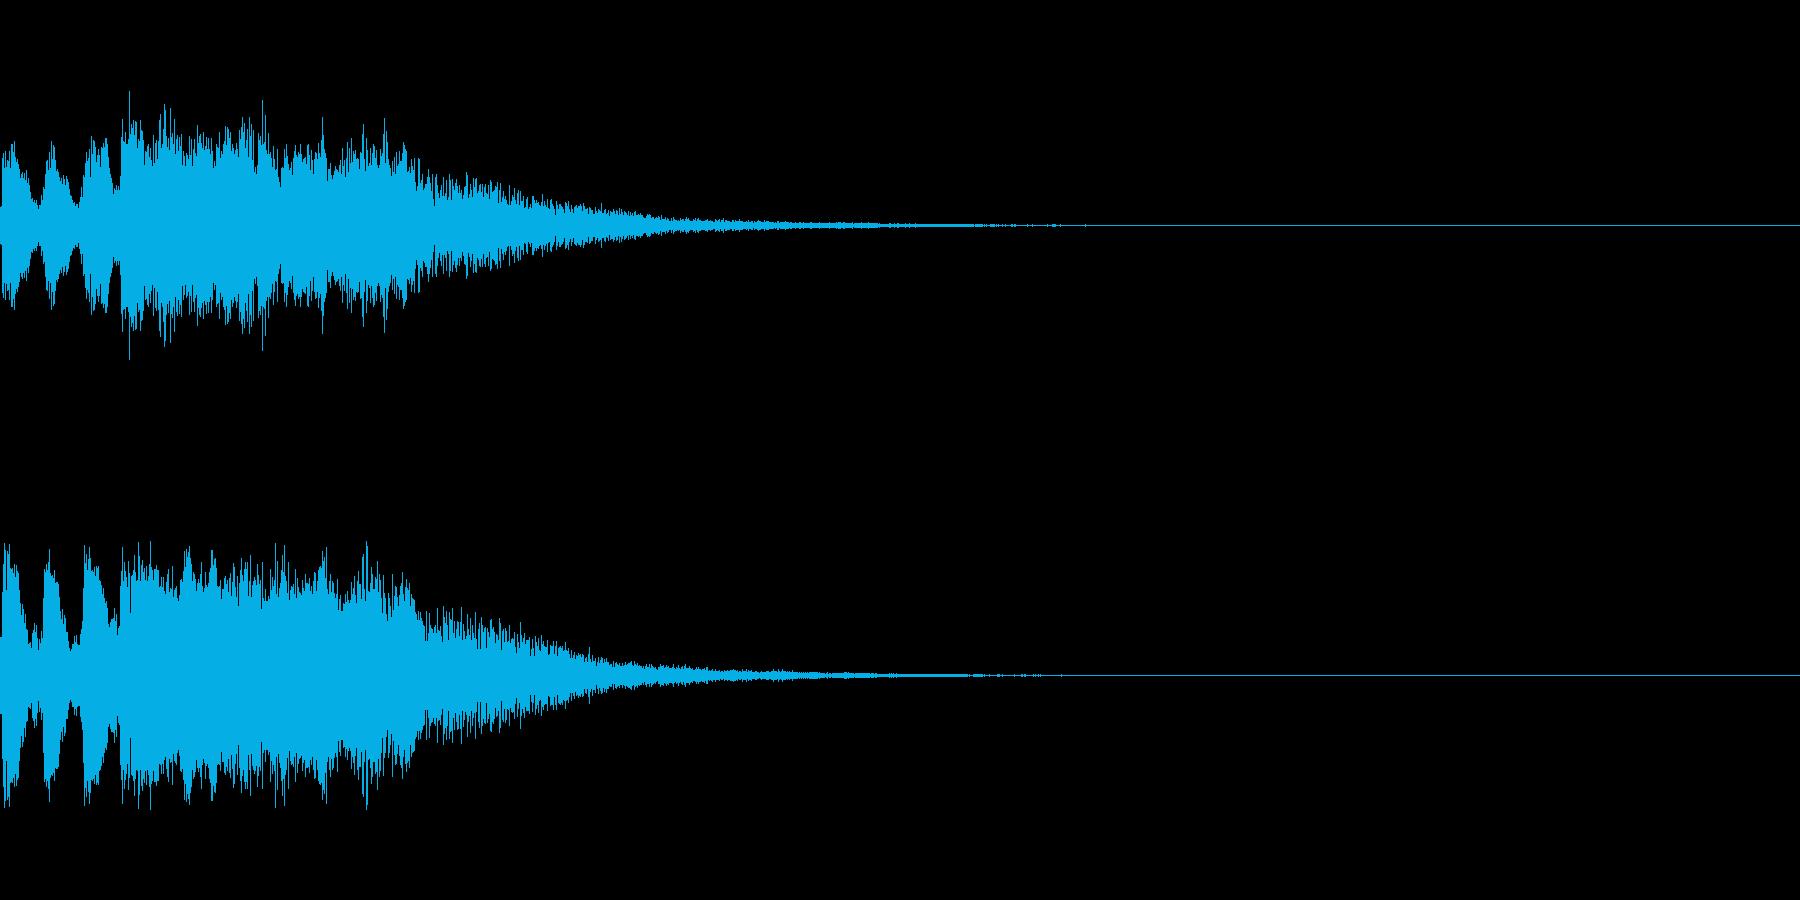 明るいトランペットファンファーレの再生済みの波形